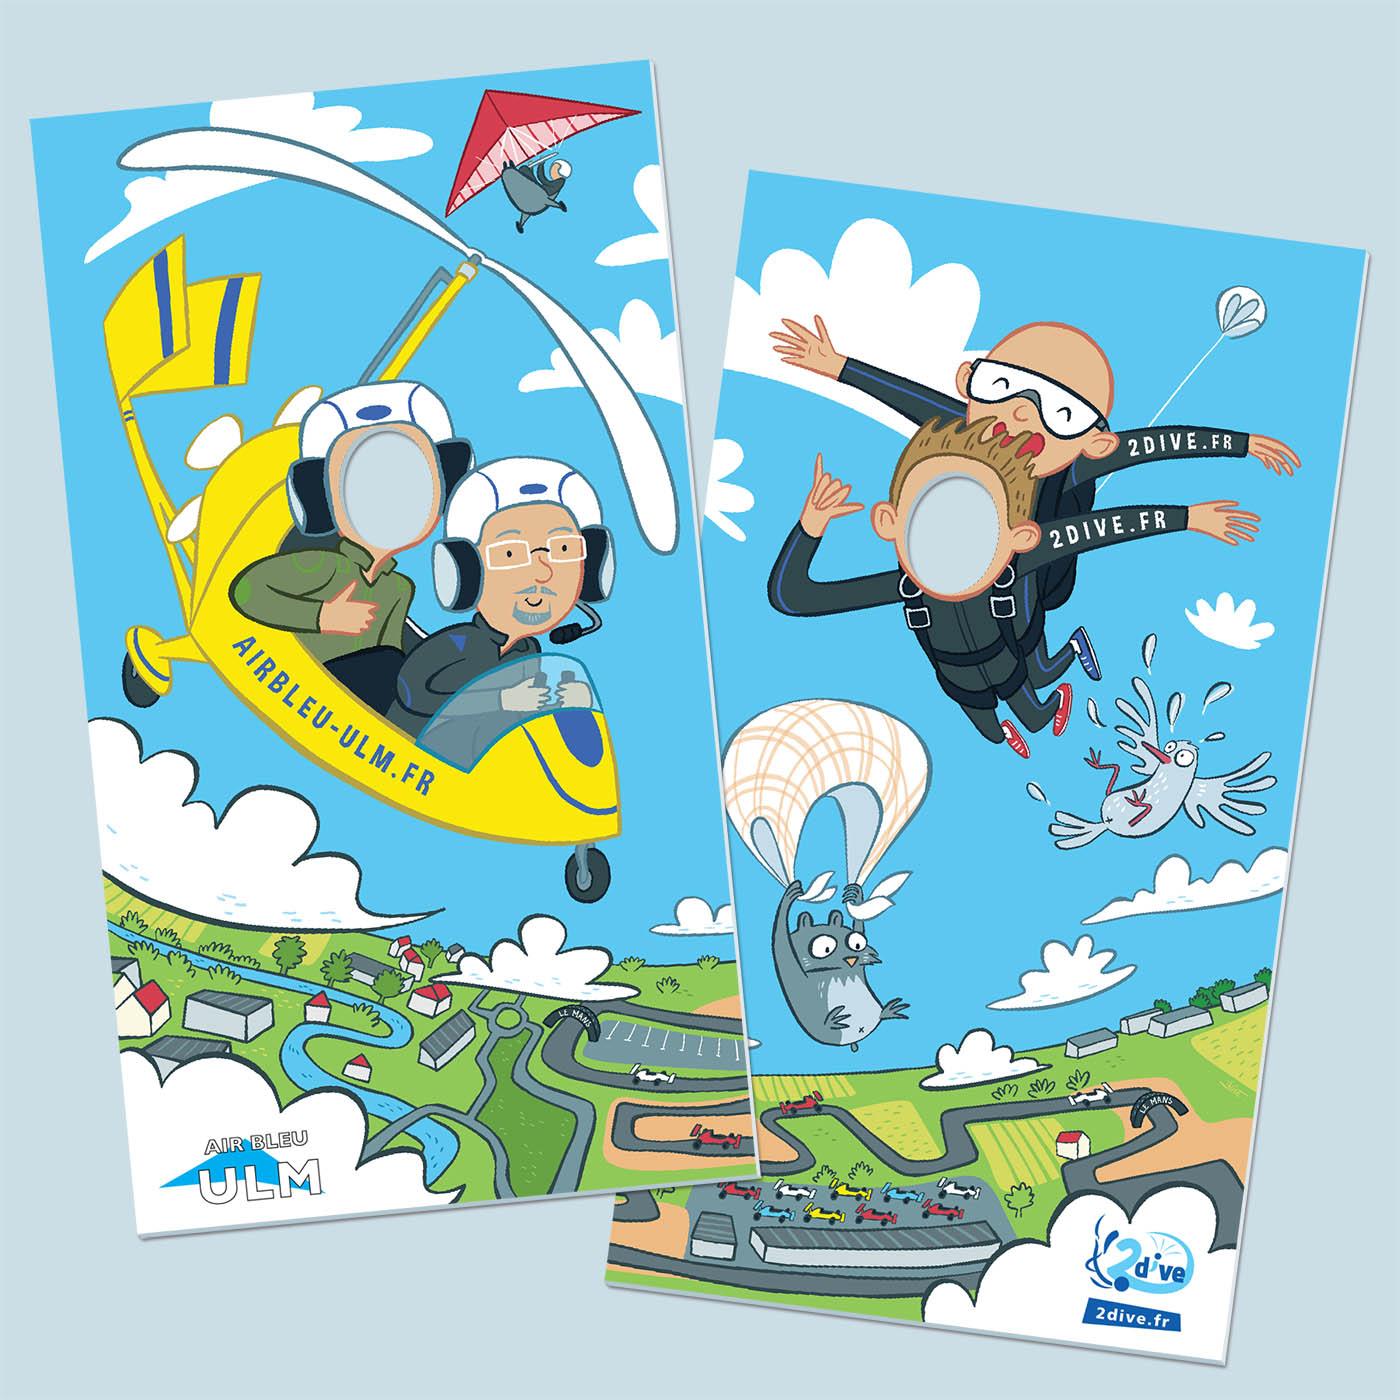 Design de panneaux passe-tête pour une entreprise de parachutisme